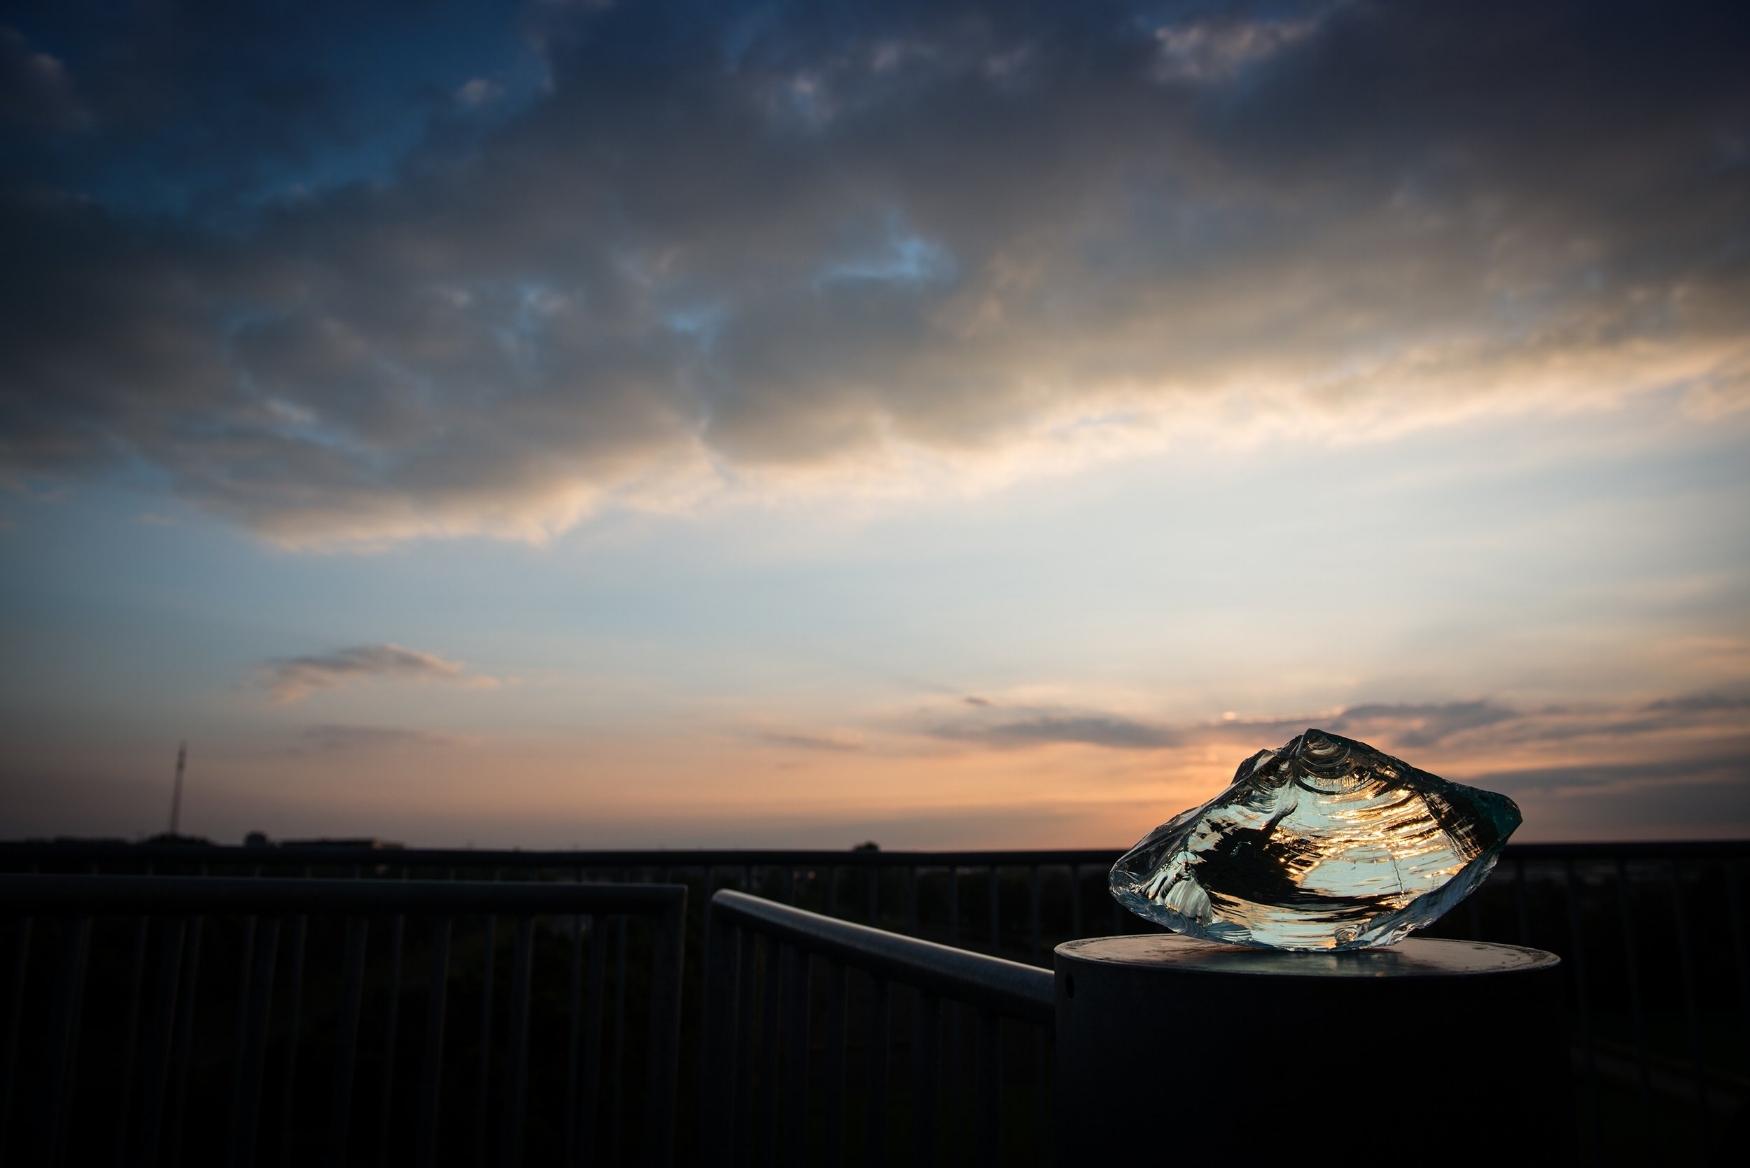 Fotograaf: Ebel-Jan Schepers